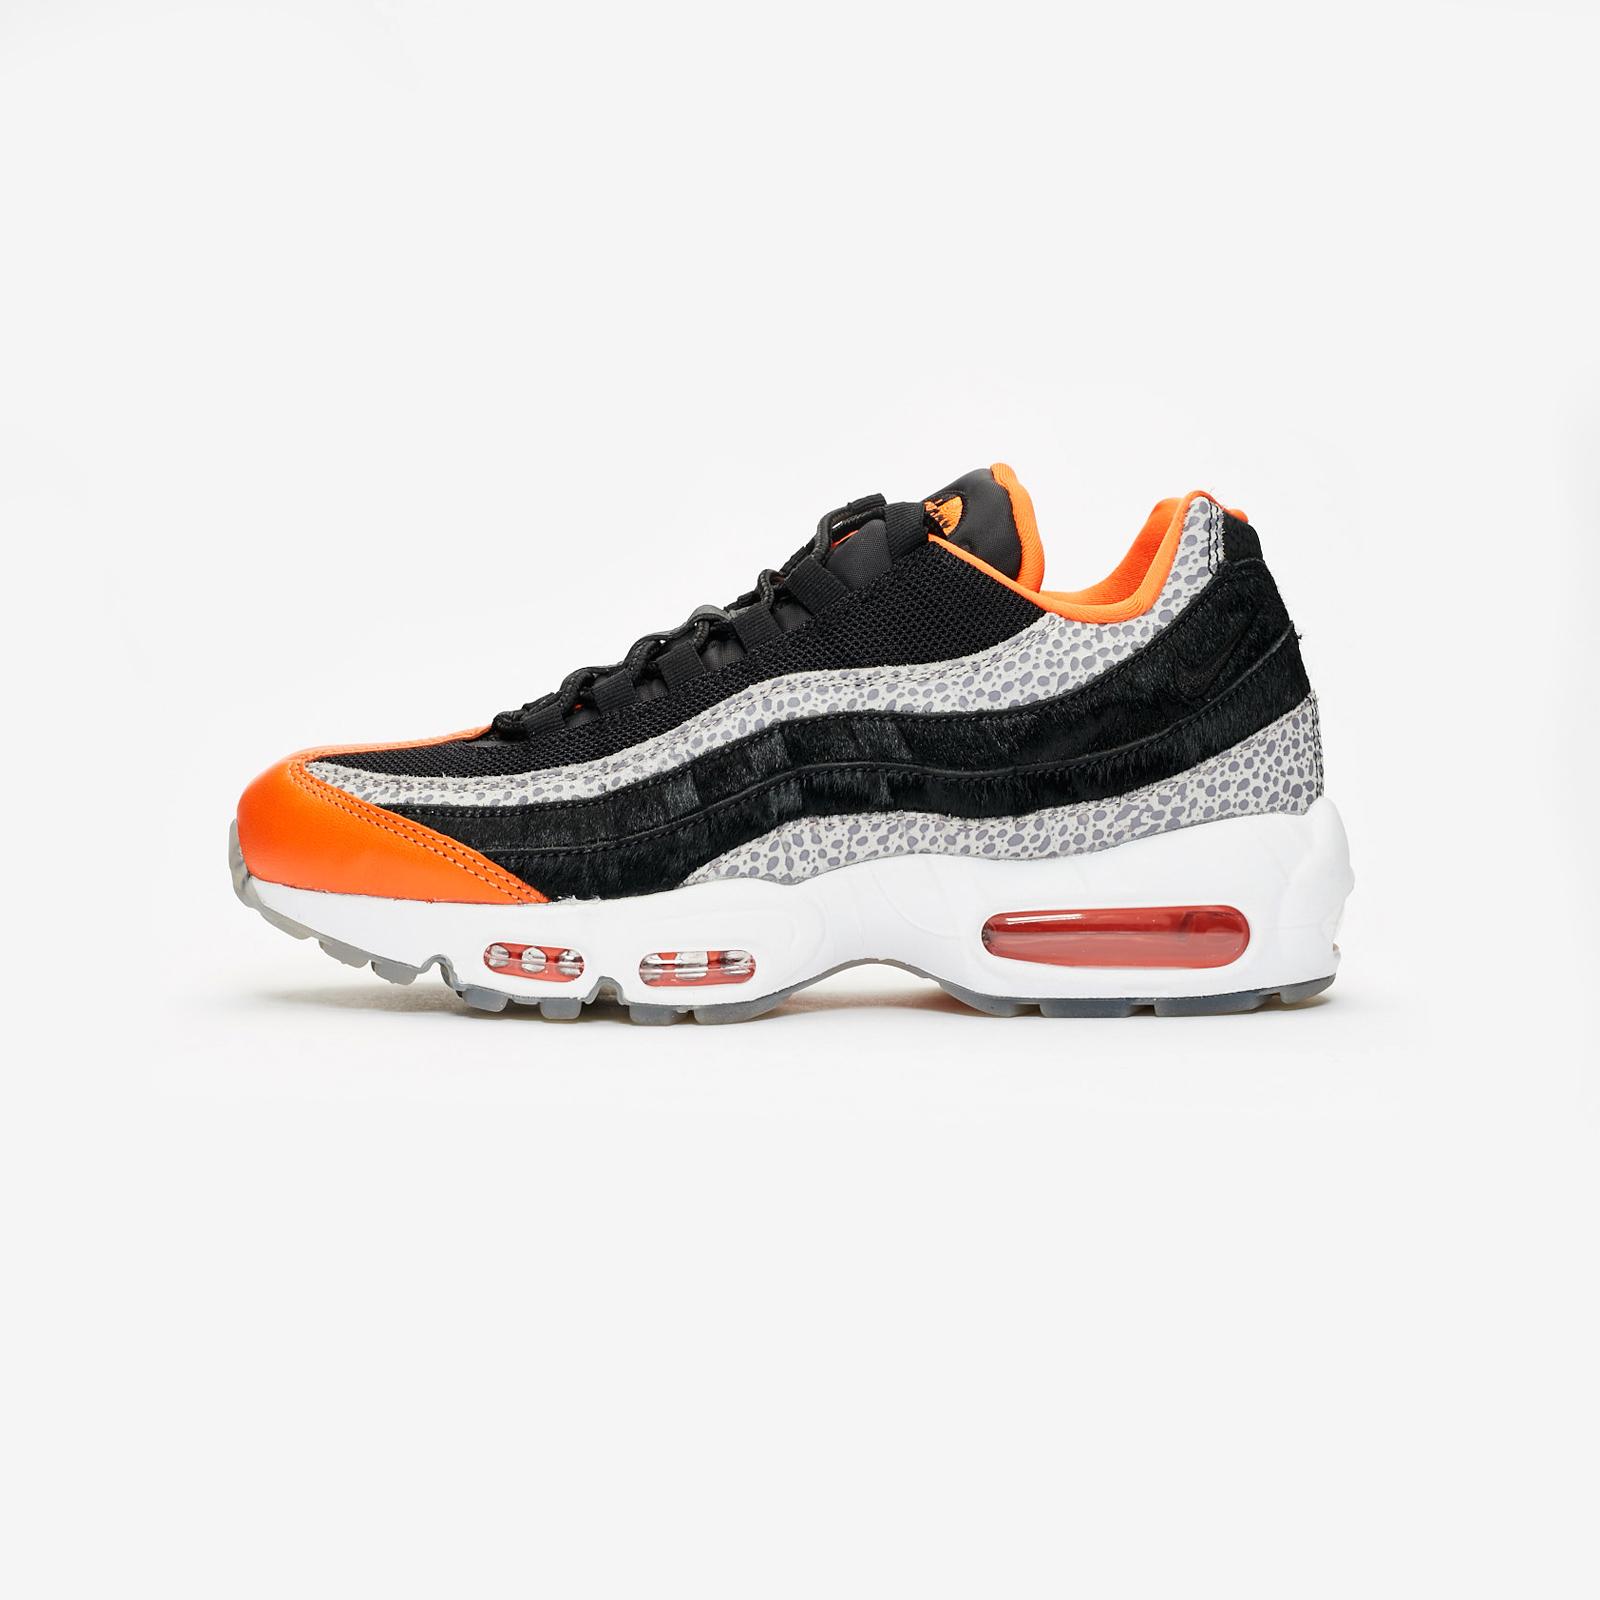 bf03a908bc Nike Air Max 95 - Av7014-002 - Sneakersnstuff | sneakers & streetwear  online since 1999